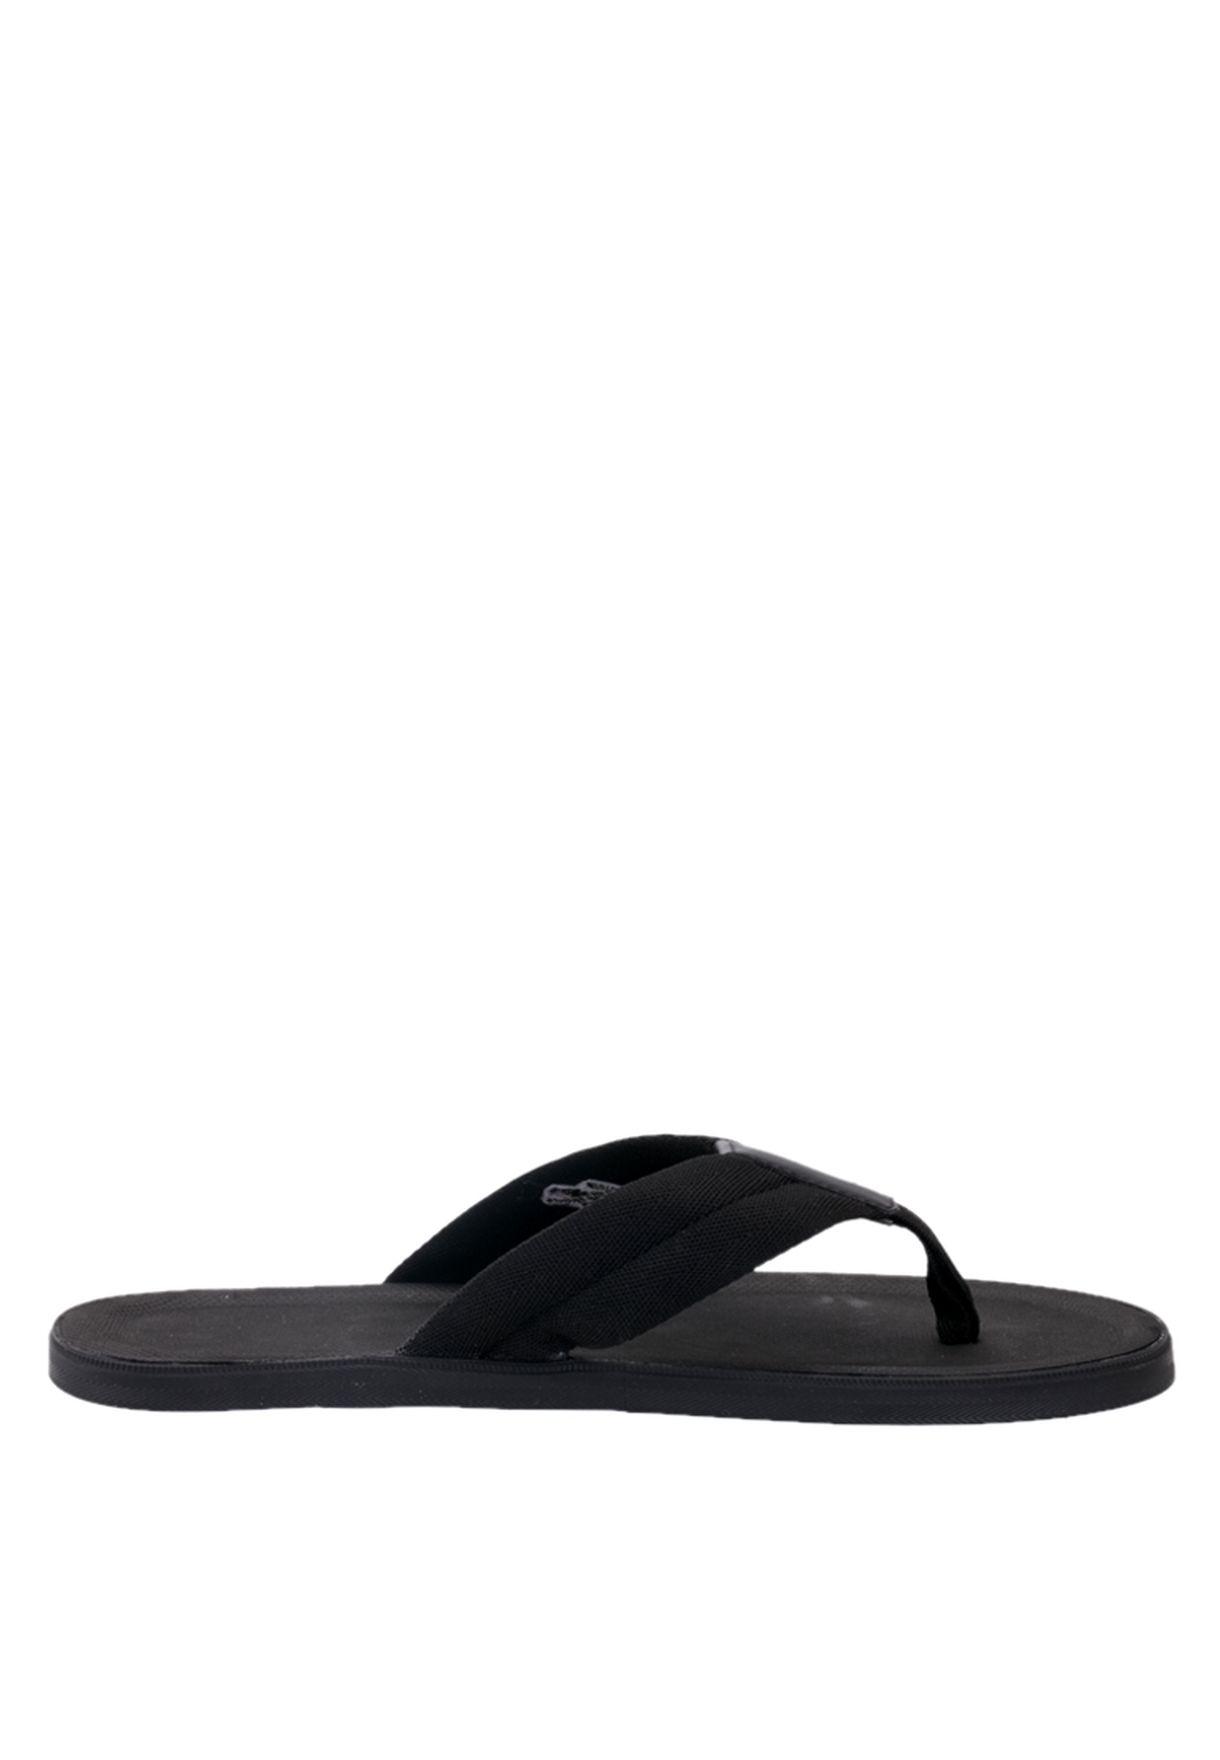 1f15d8058ed5 Shop Lacoste black Casual Flipflops 25SPM4017-02H for Men in Kuwait ...